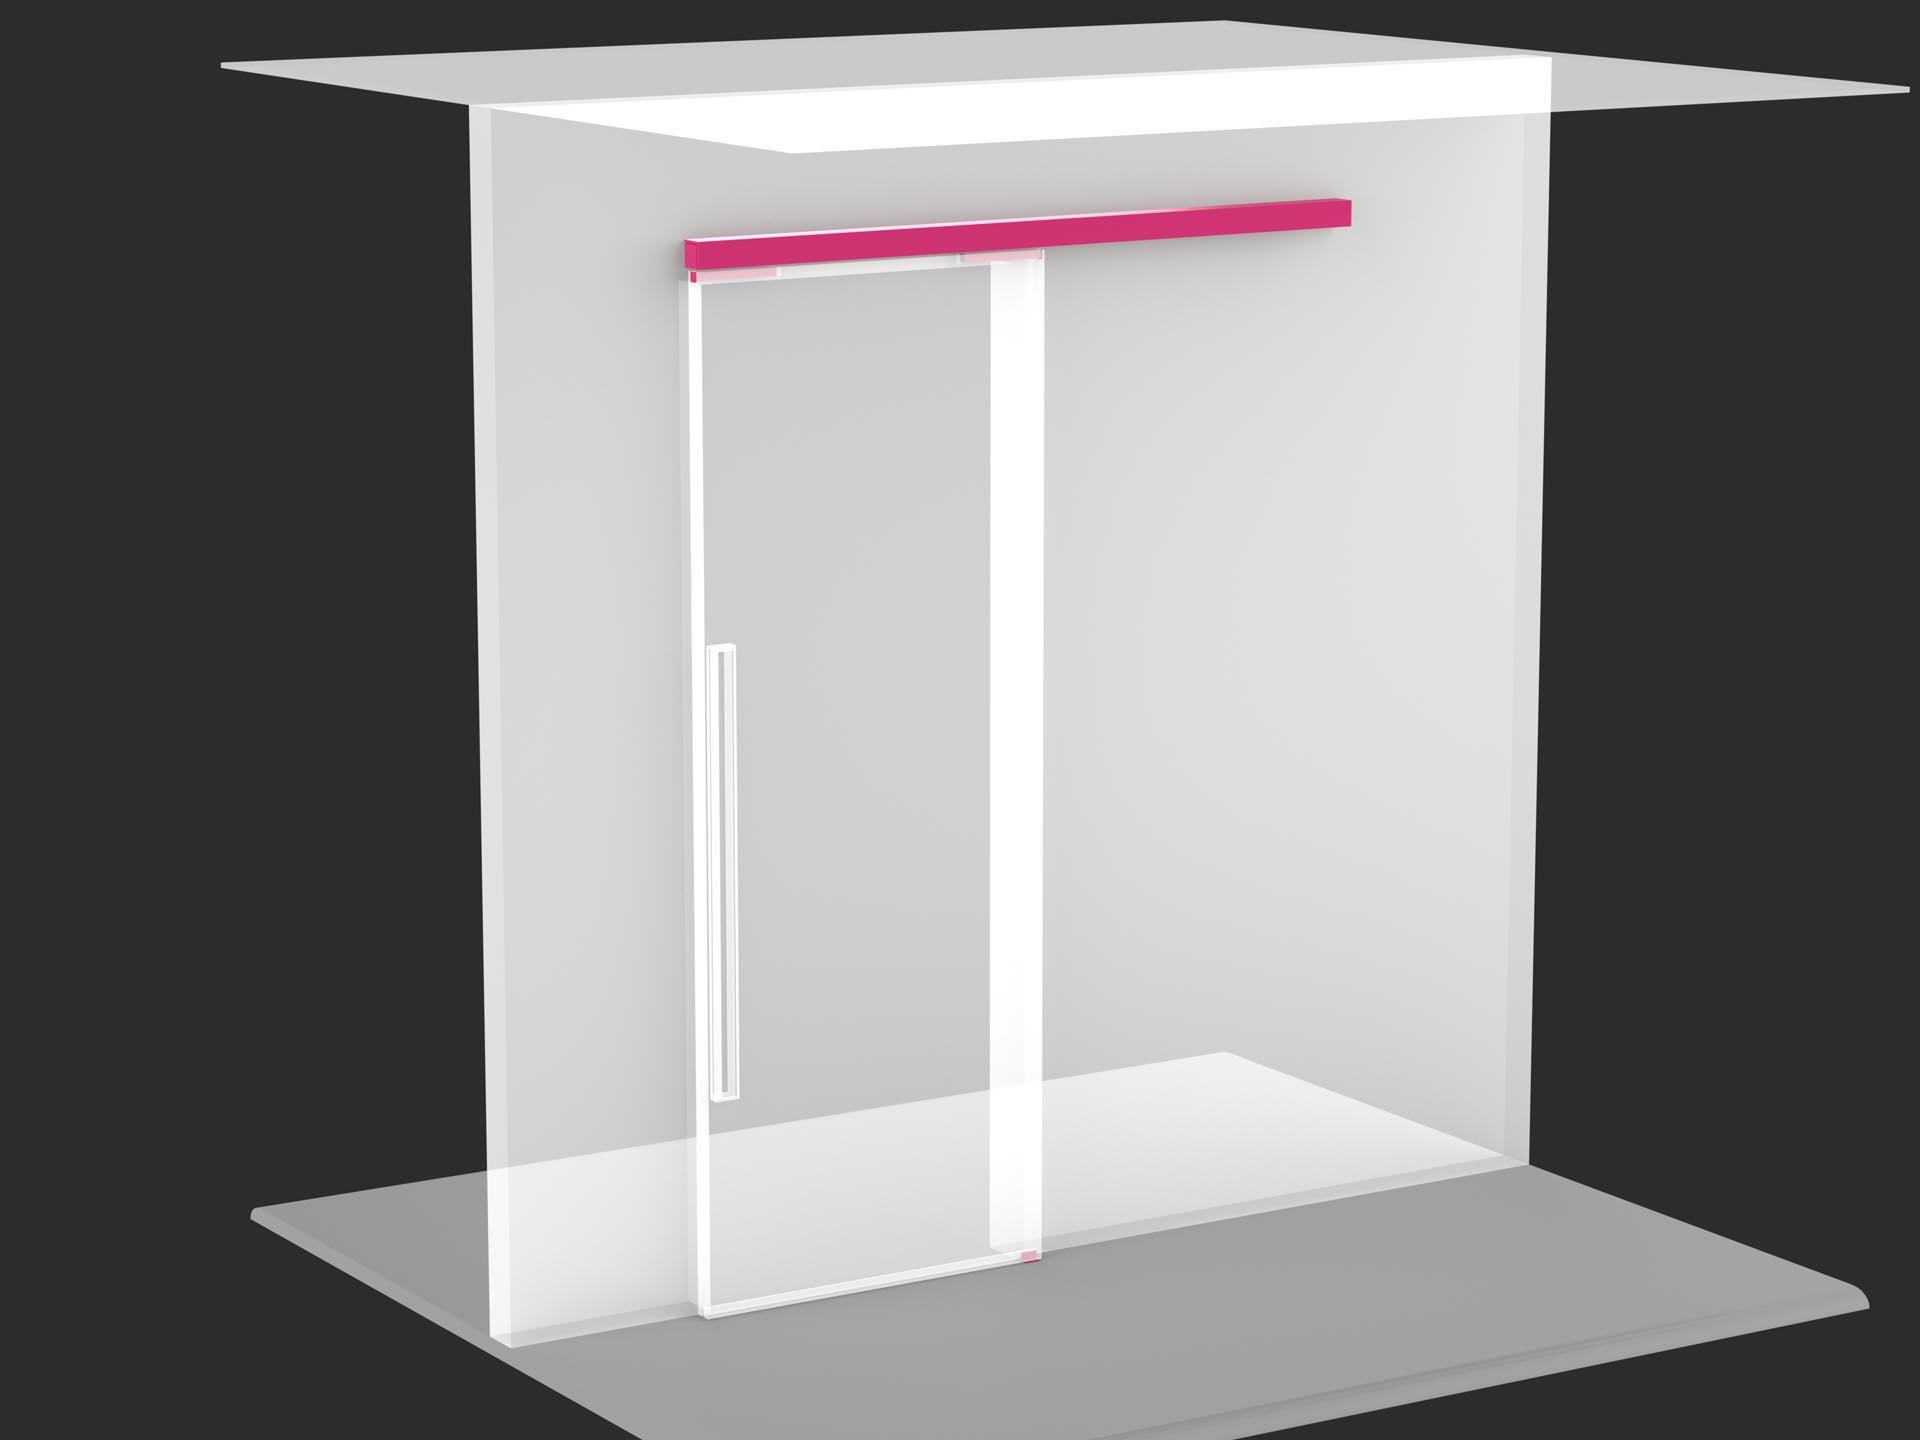 Porta scorrevole con binario a parete evoline3 - Parete attrezzata con porta scorrevole ...